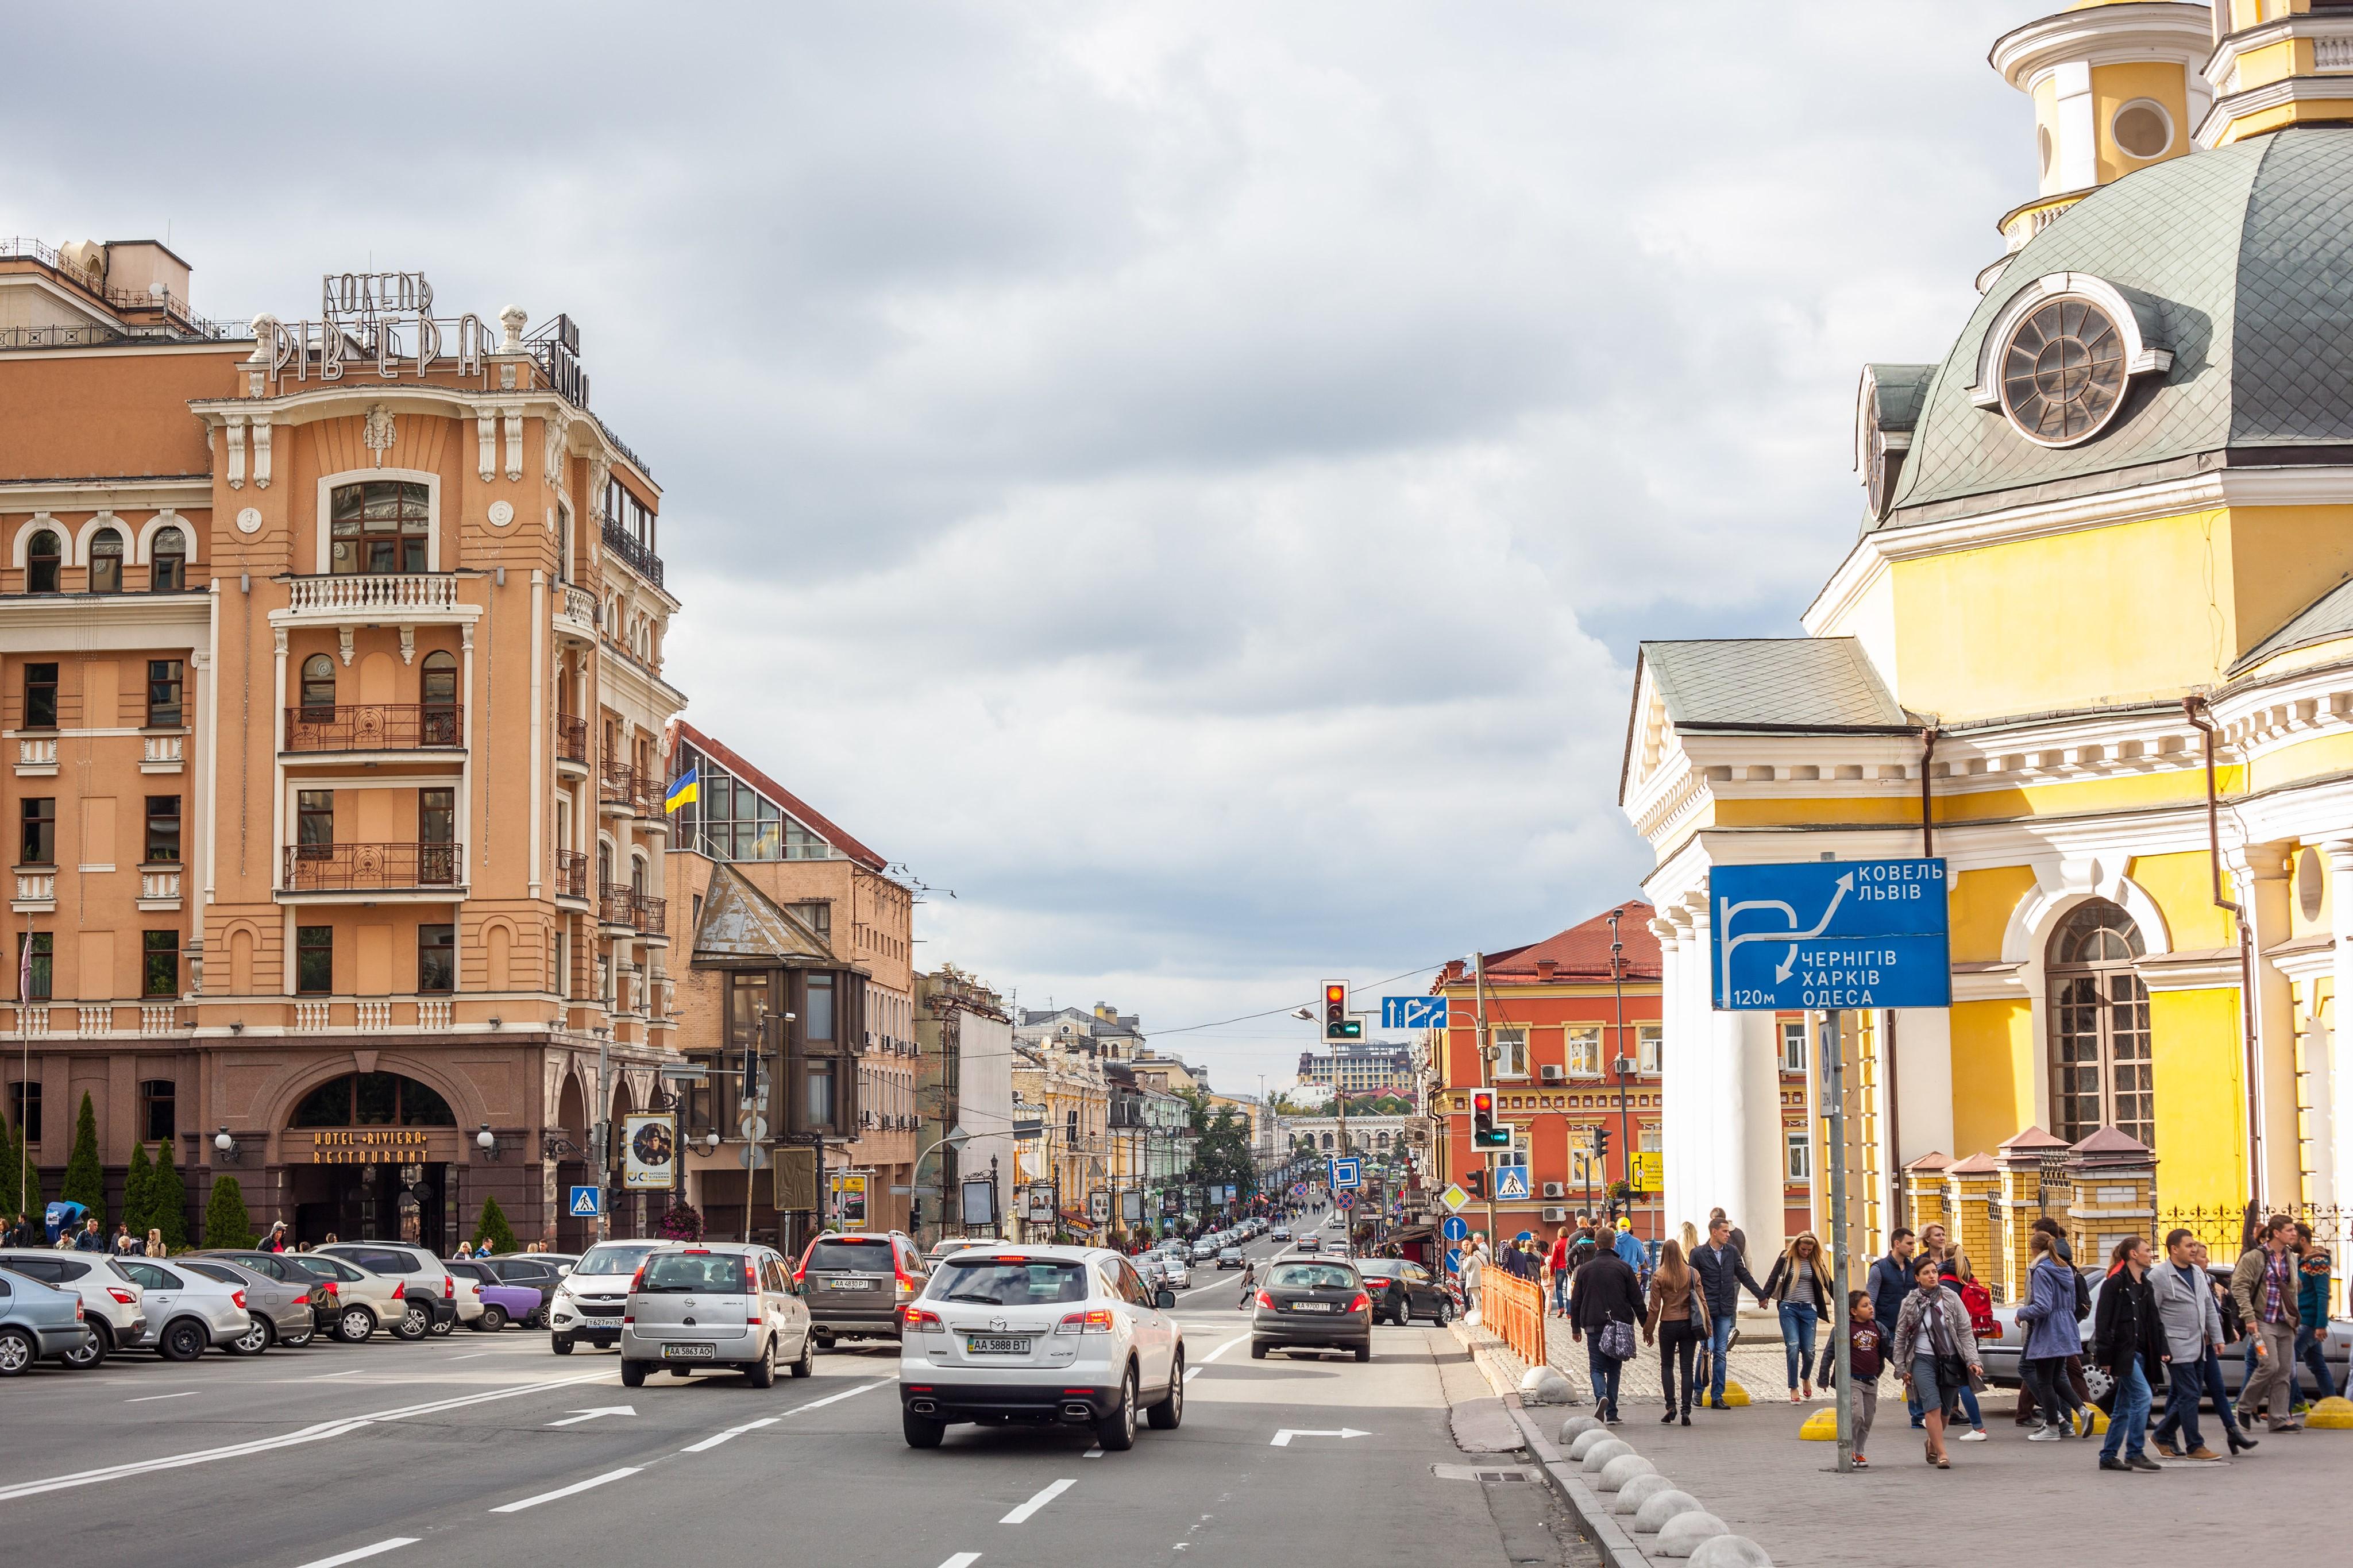 Киев, улица, дорога